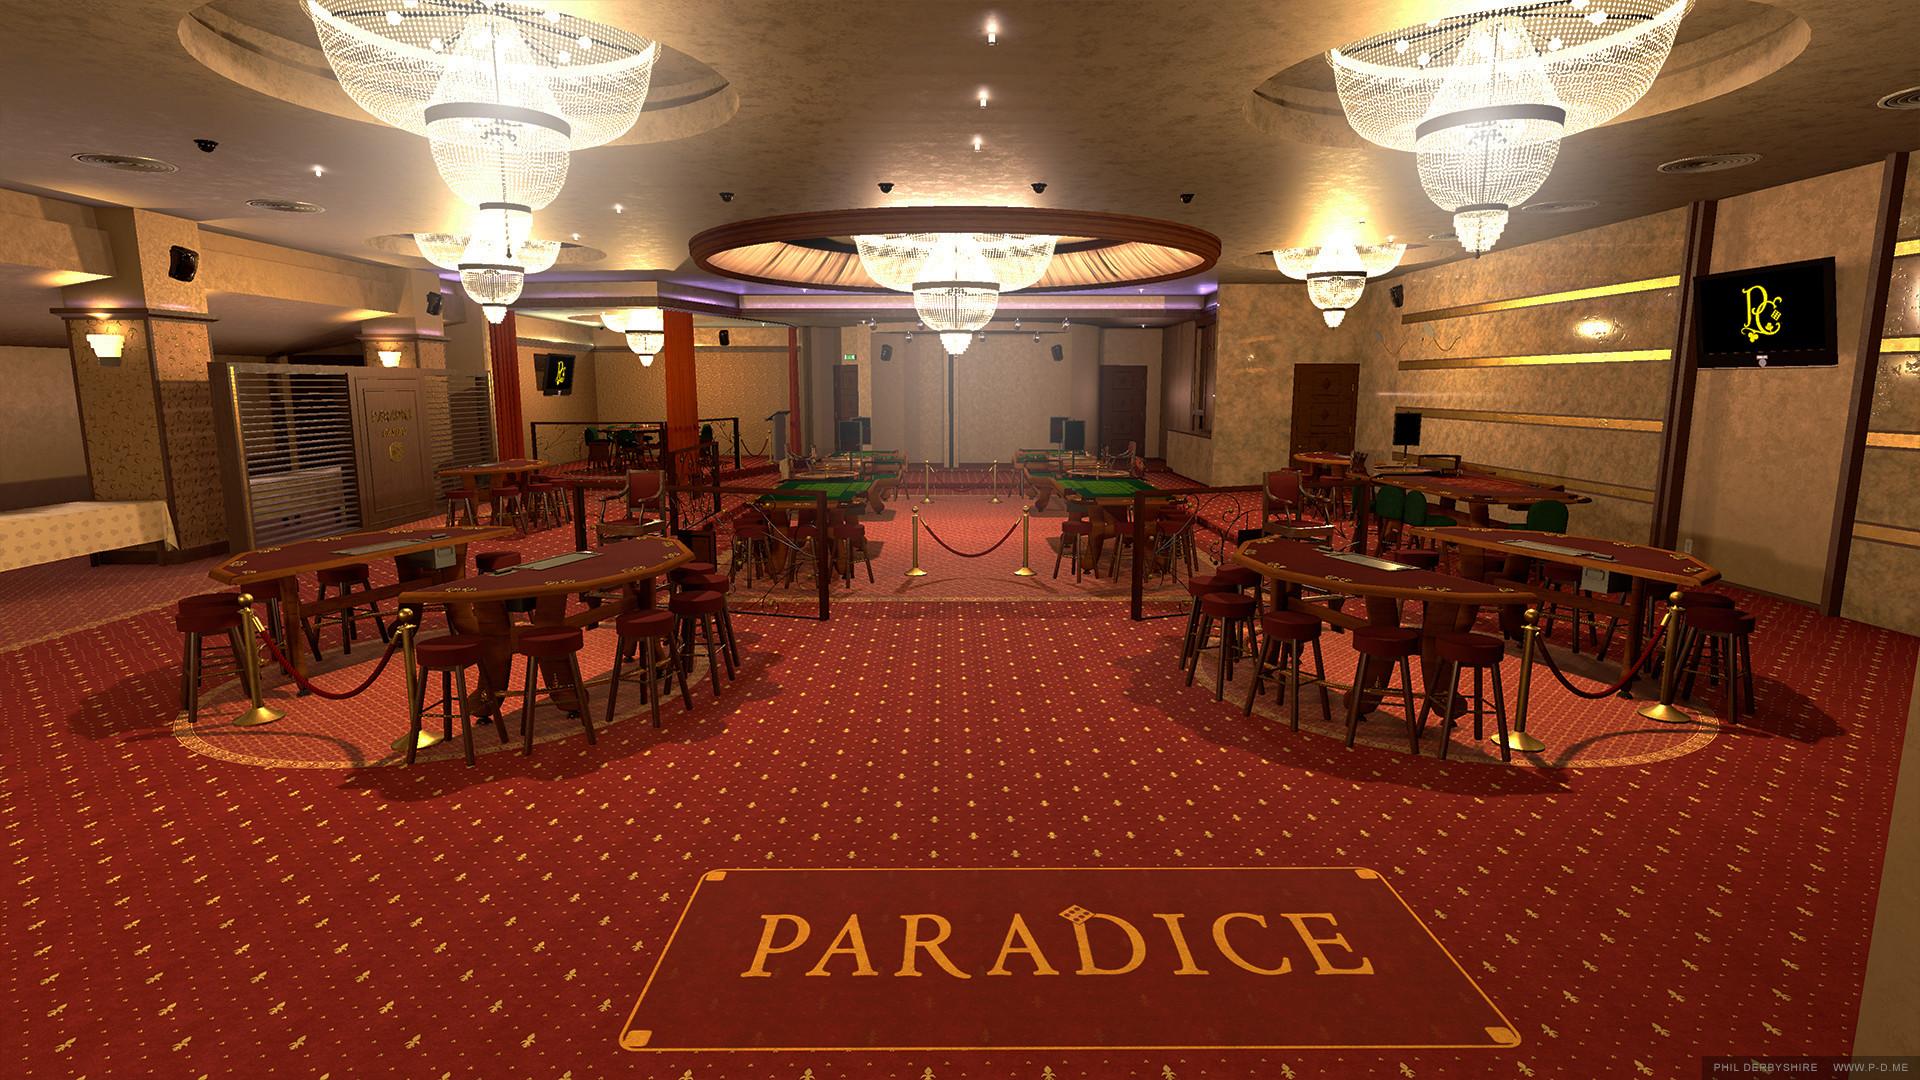 Phil derbyshire casino view03 hr